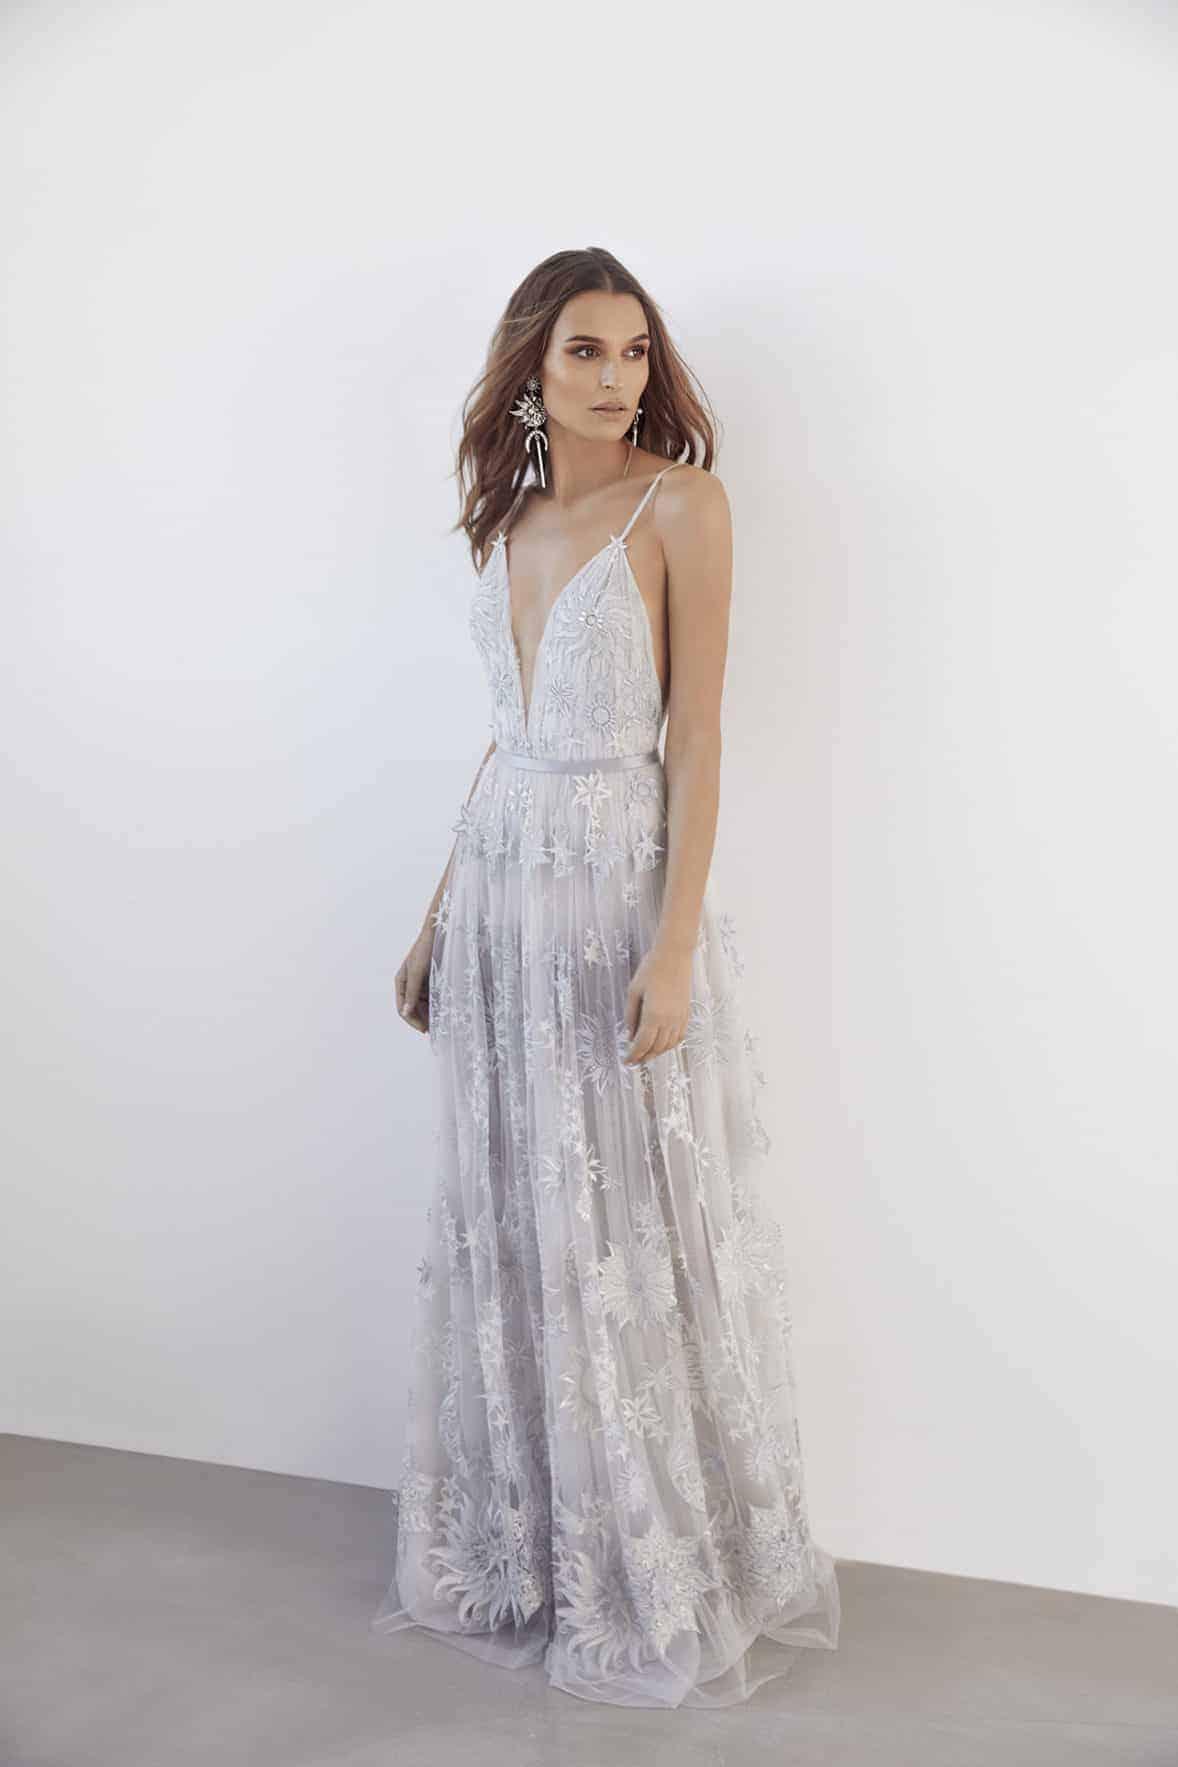 Suzanna-Harward-stars-and-moon-galaxy-themed-wedding-dress